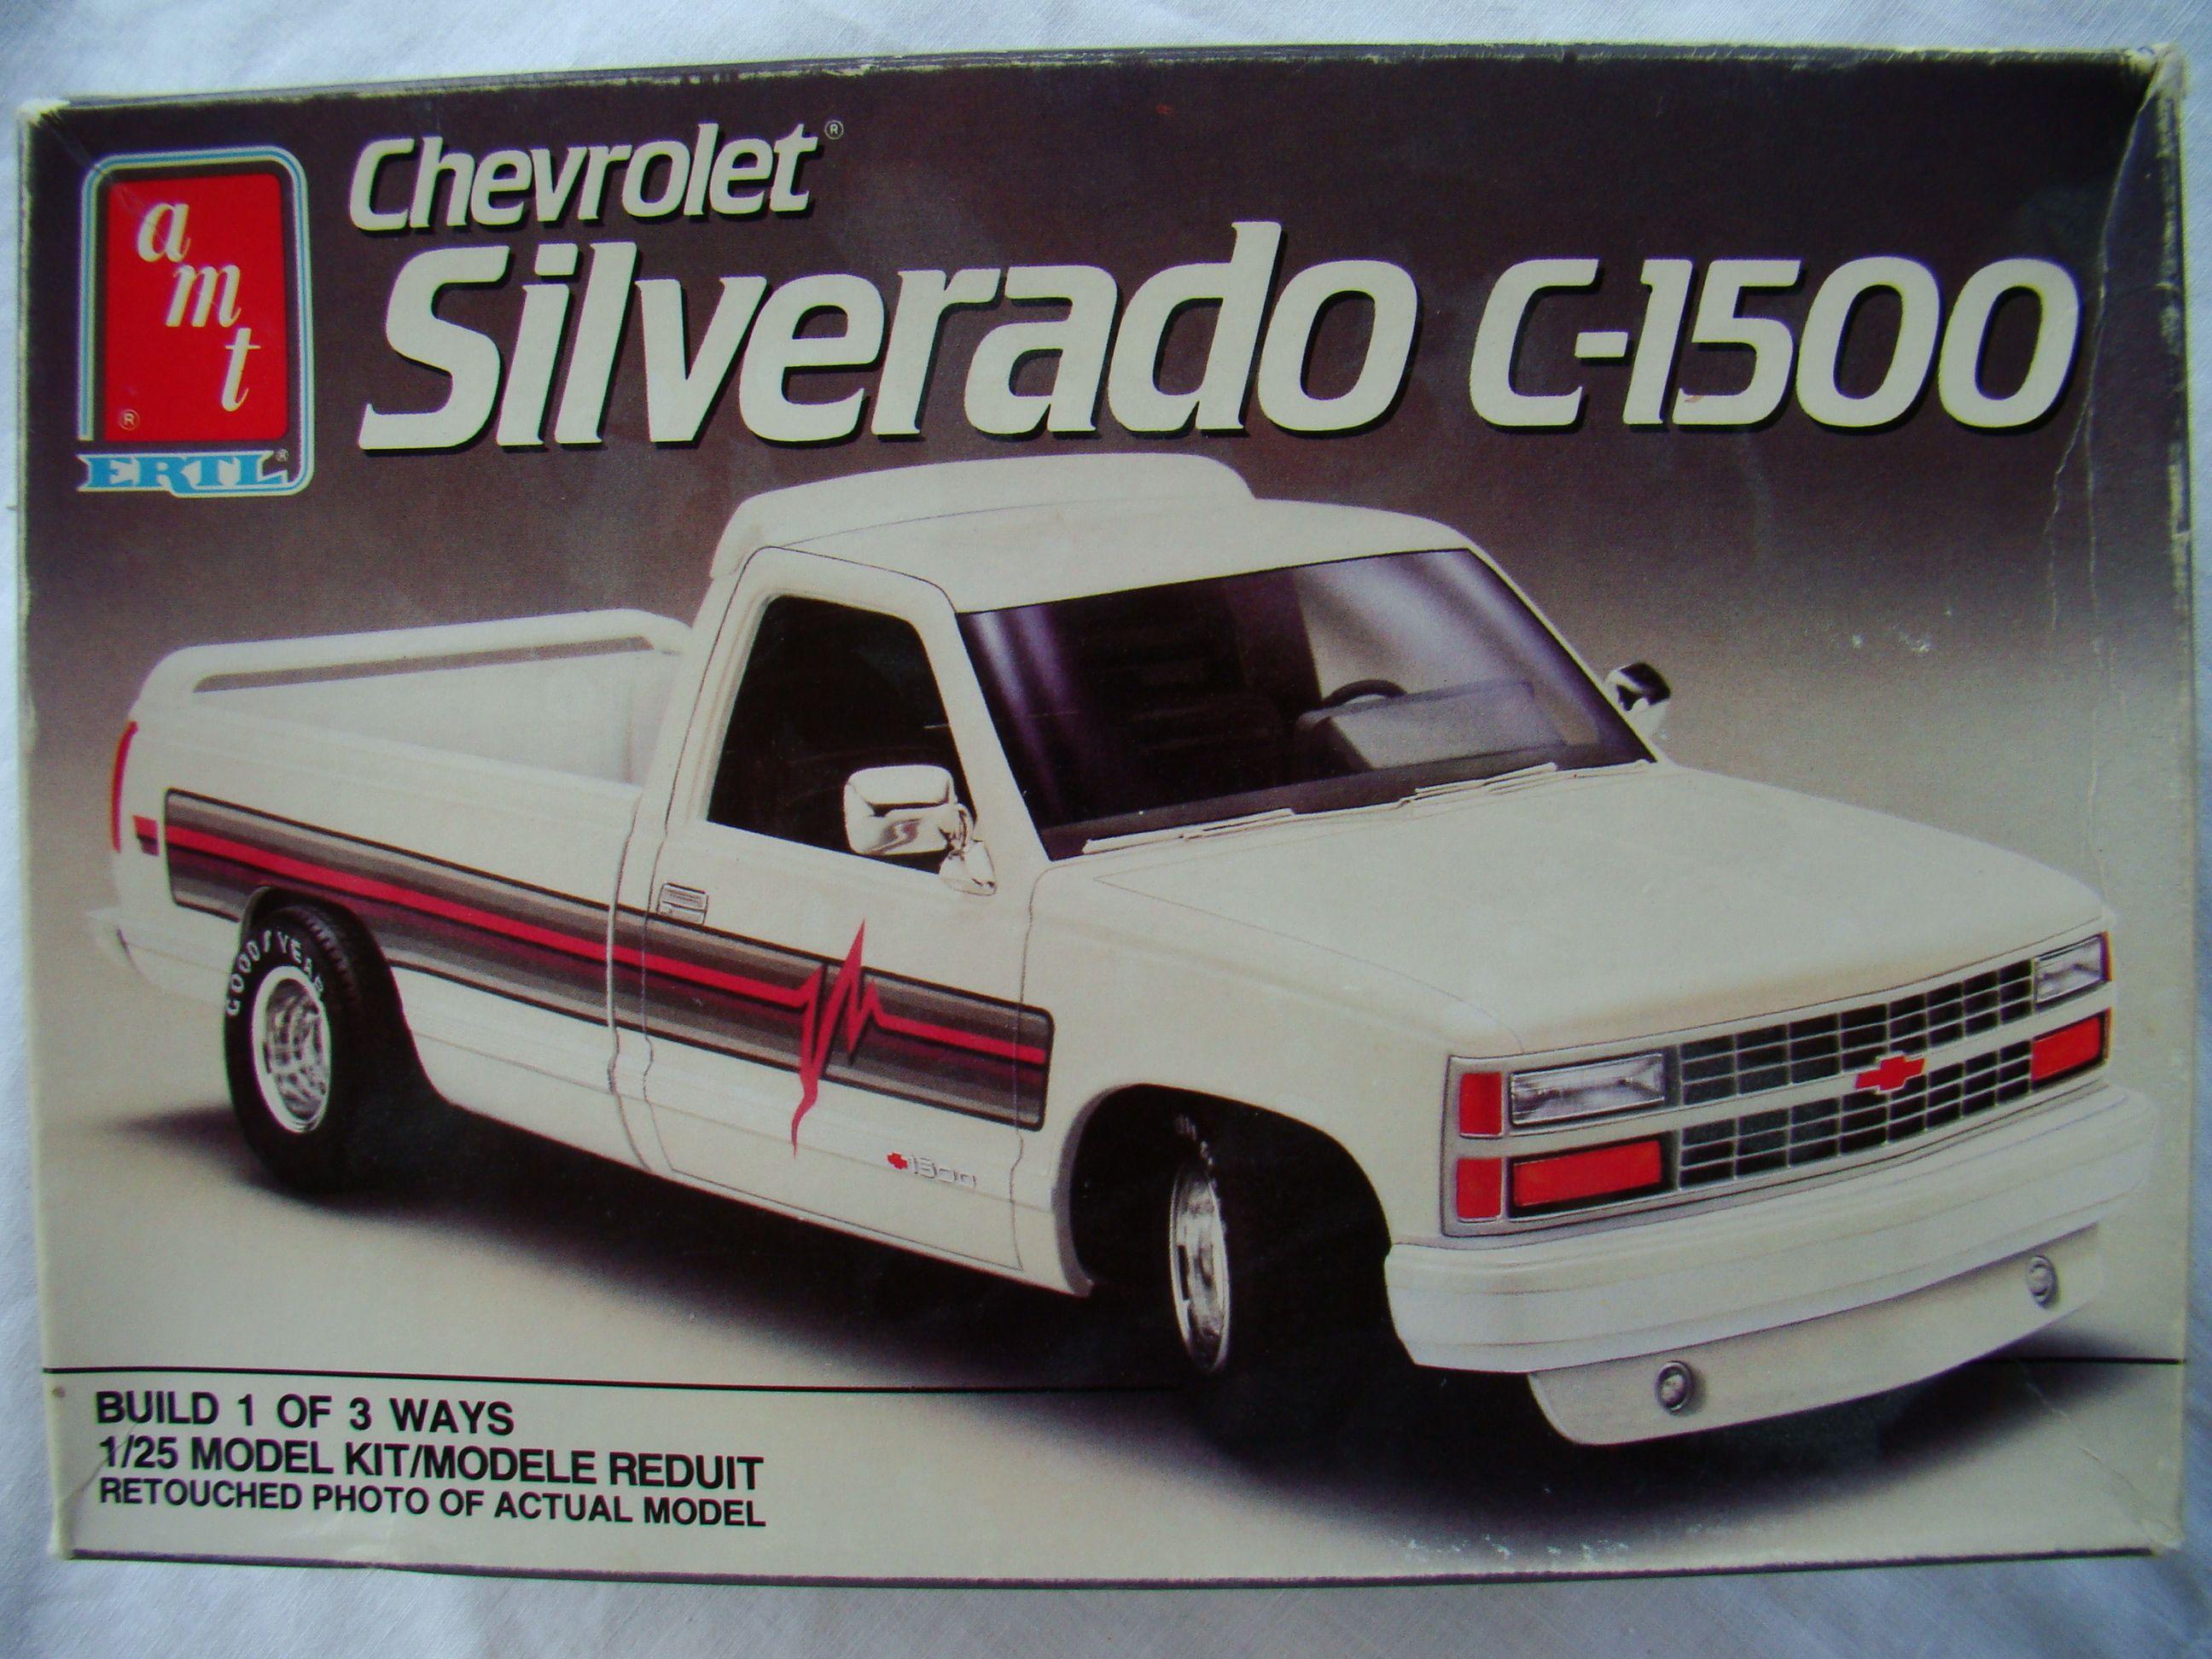 amt 90 chevy silverado c 1500 2in1 6069 [ 2592 x 1944 Pixel ]